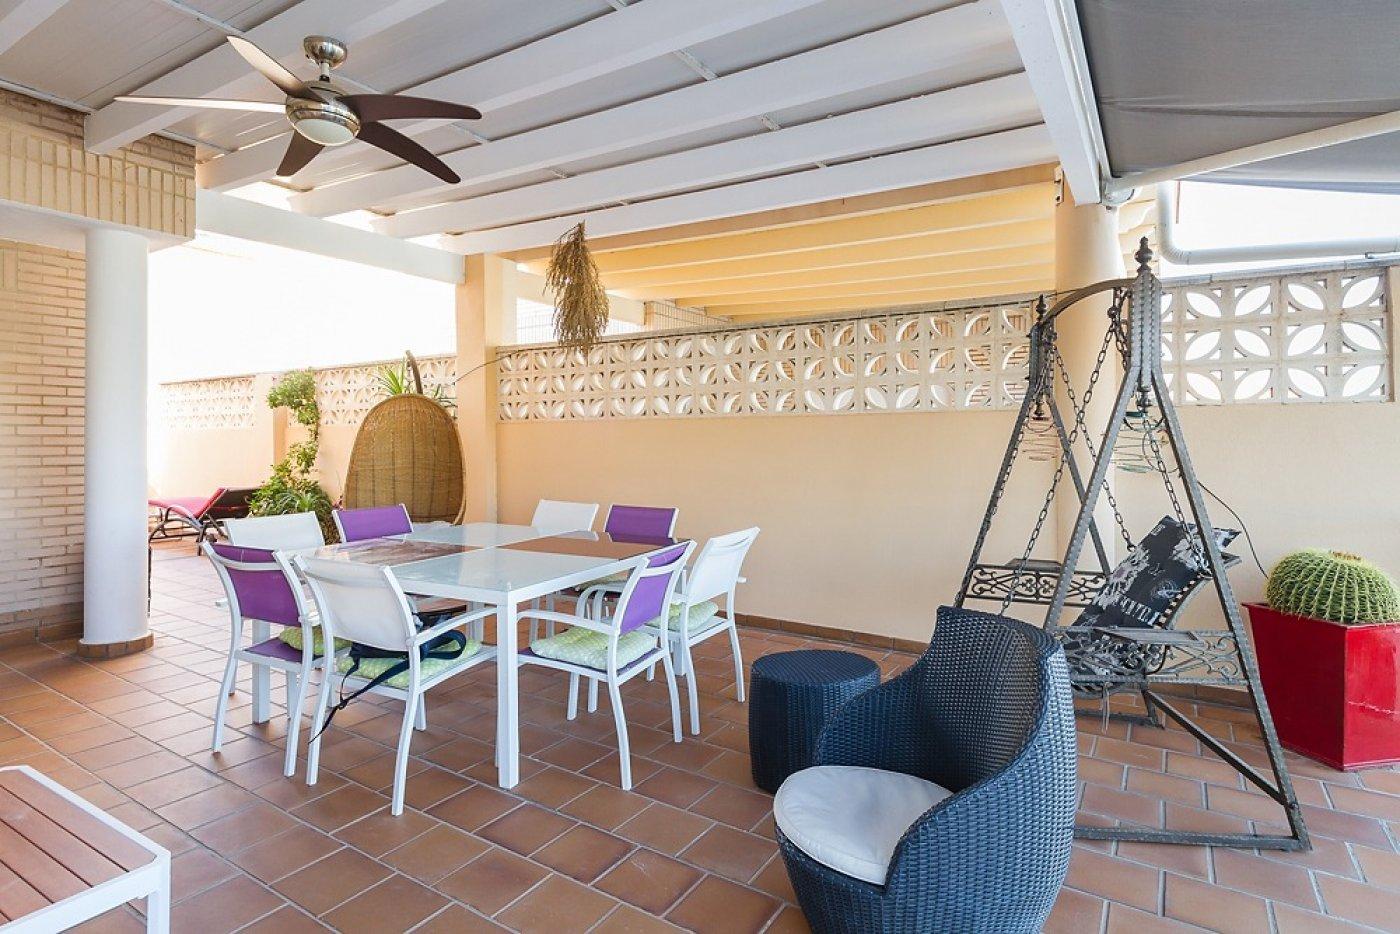 Fantástica casa de lujo en gandía con piscina, terraza y vivienda de inivtados. - imagenInmueble5